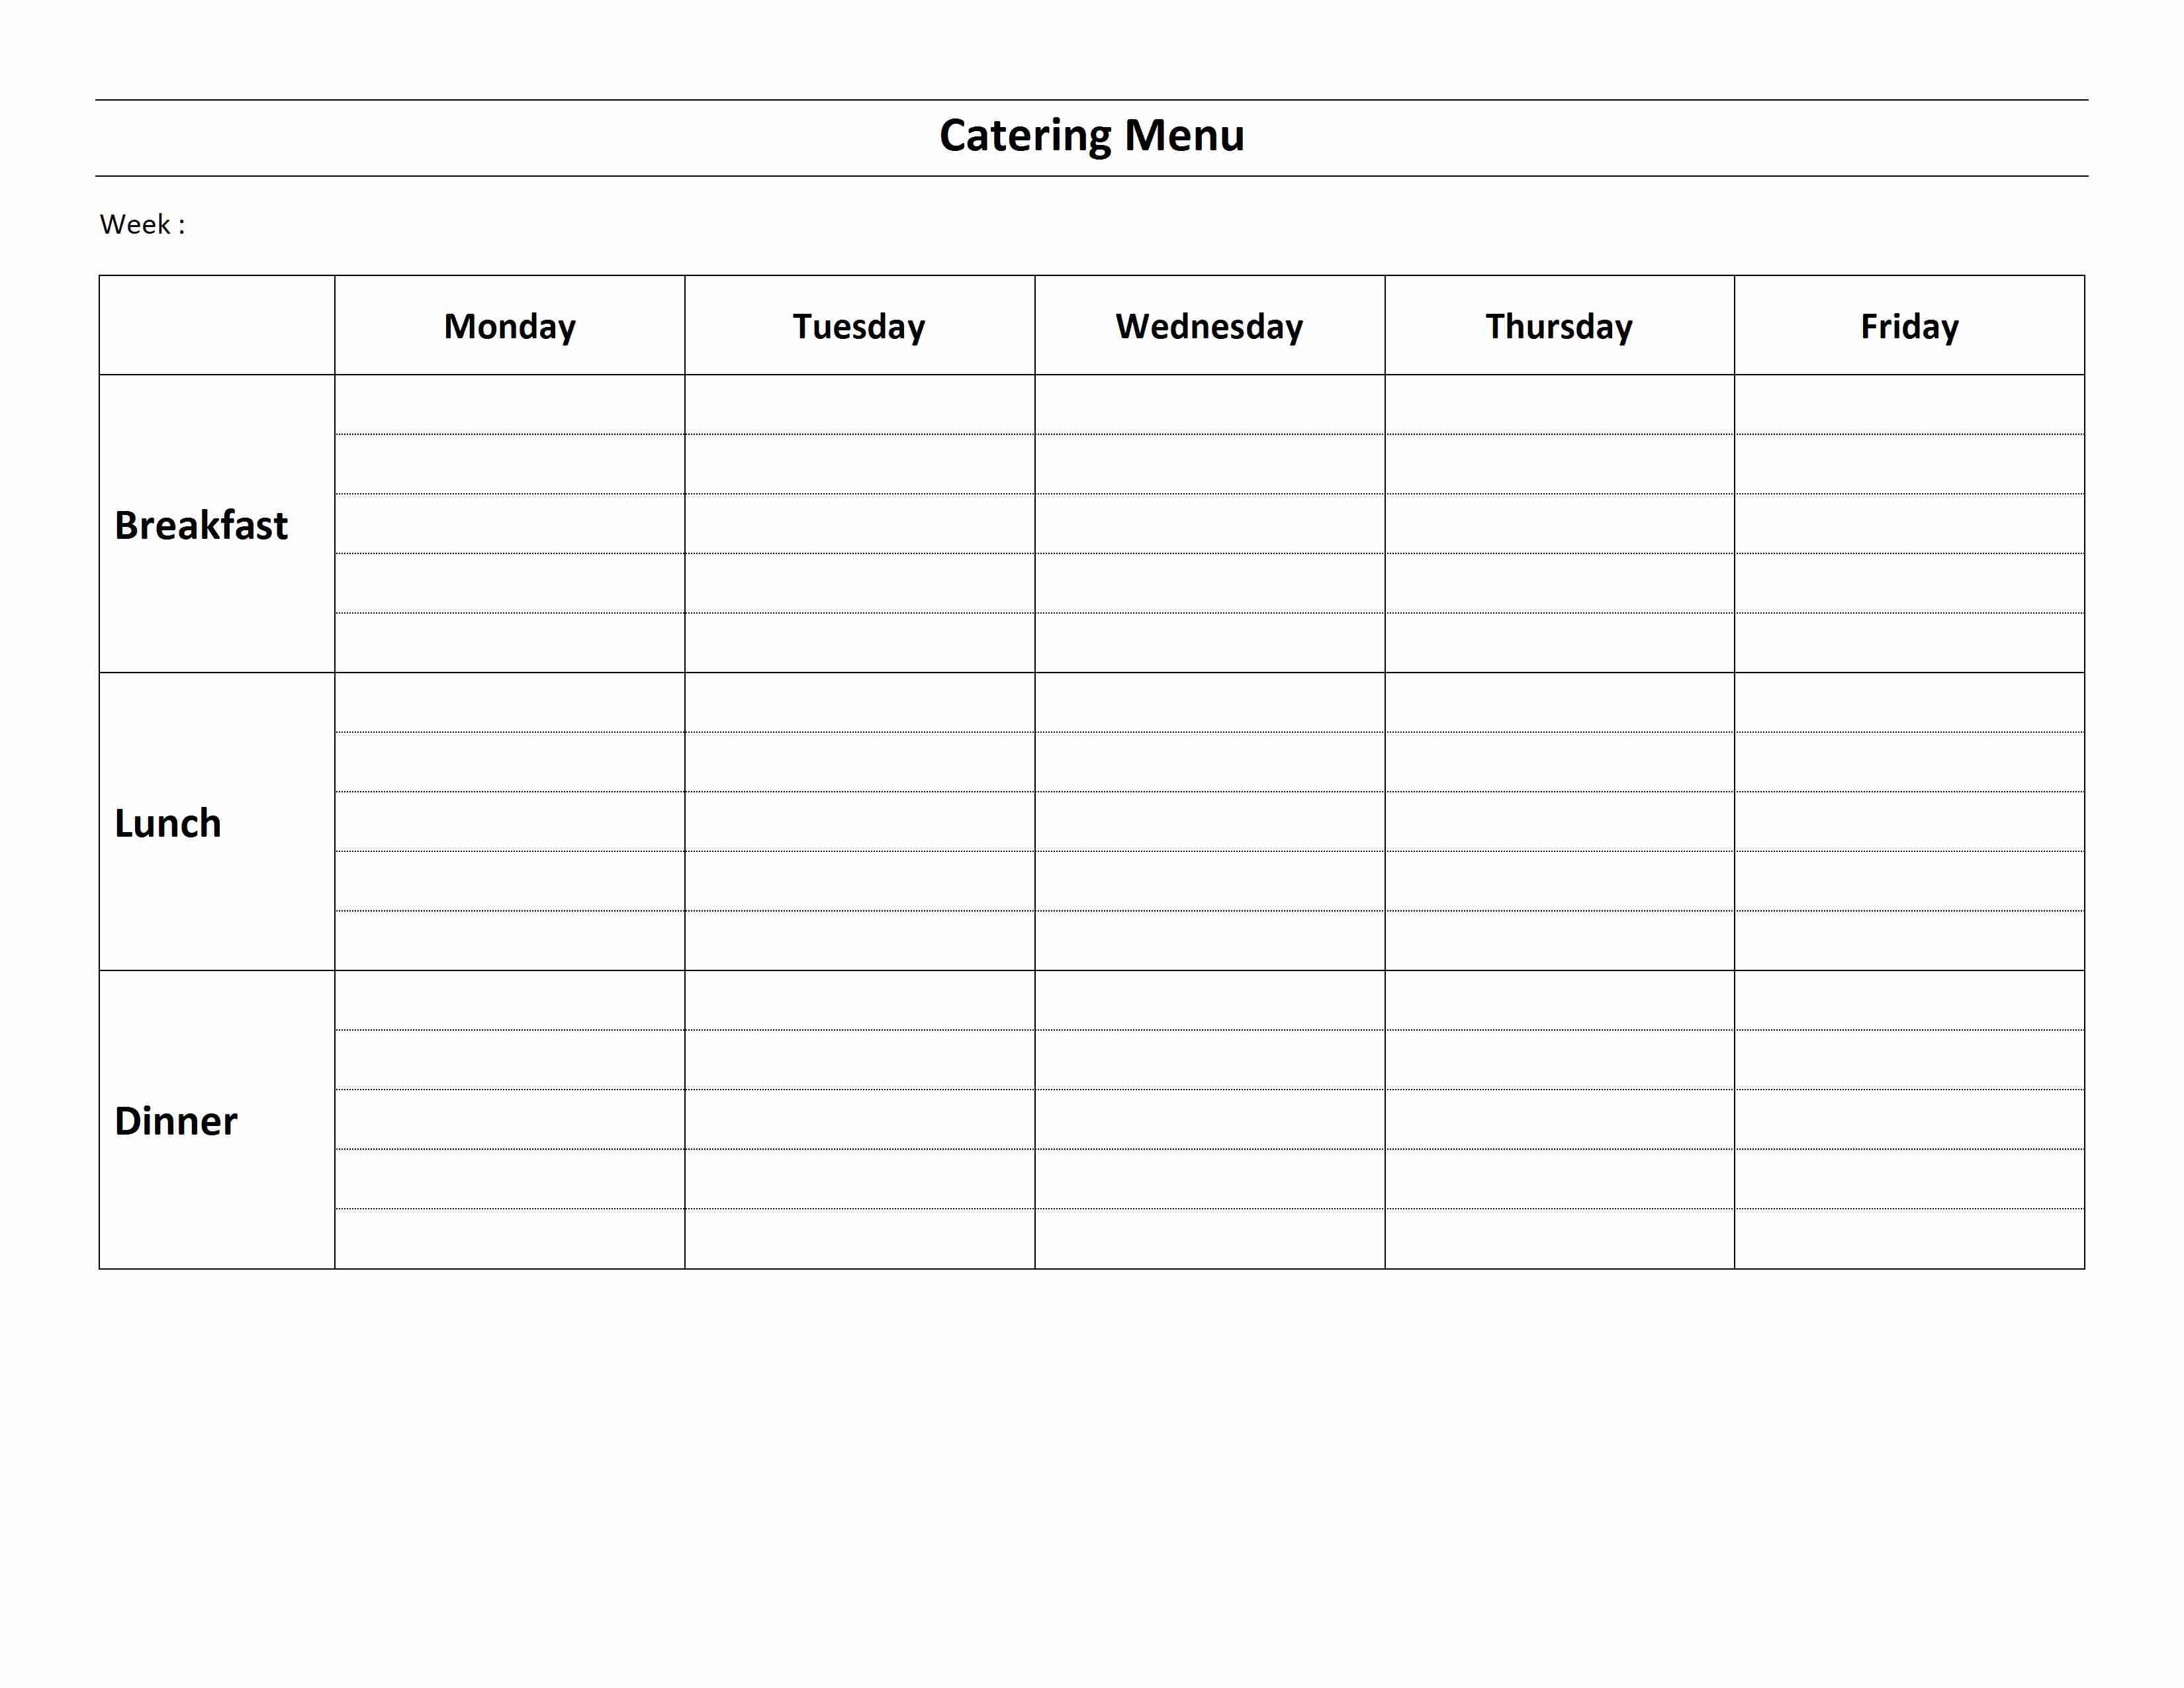 Weekly Catering Menu